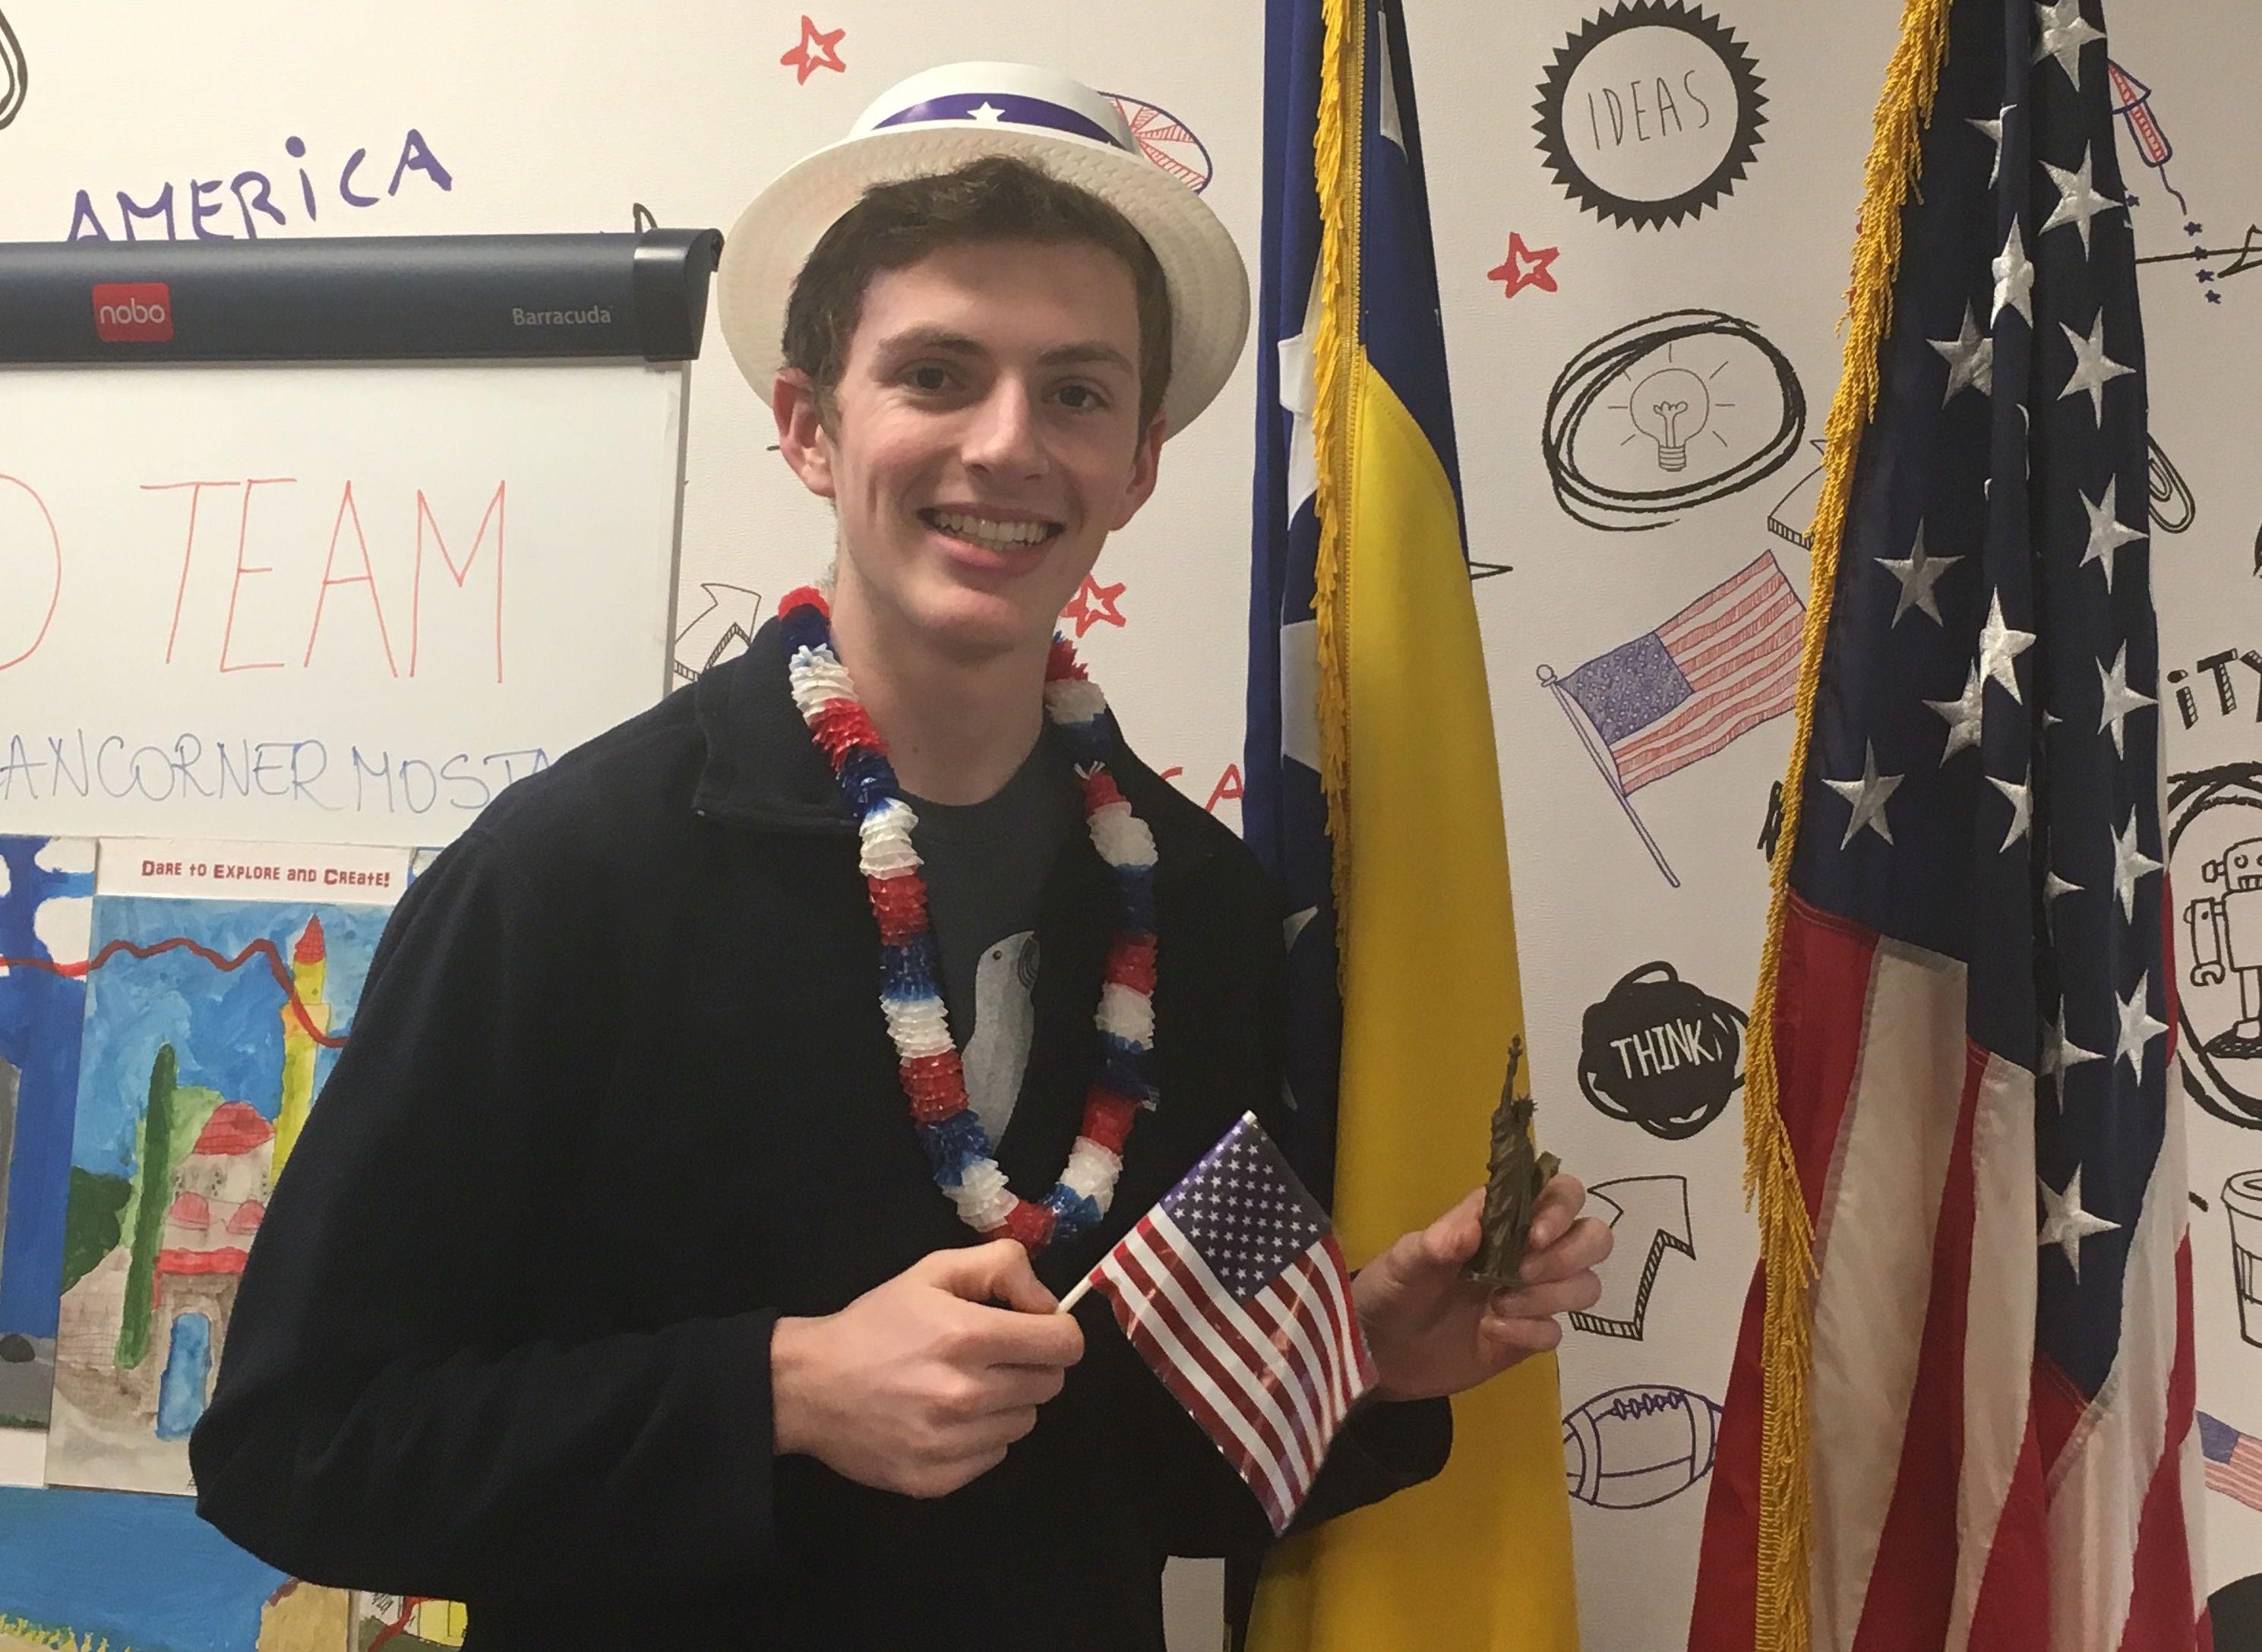 Ben Representing America